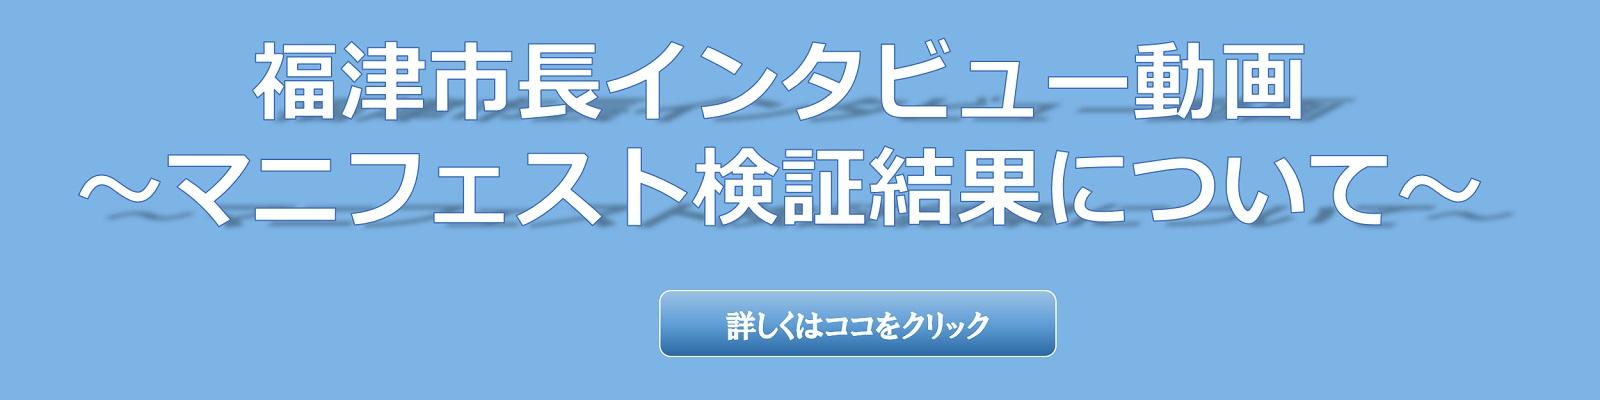 福津市長インタビュー動画(マニフェスト検証結果について)